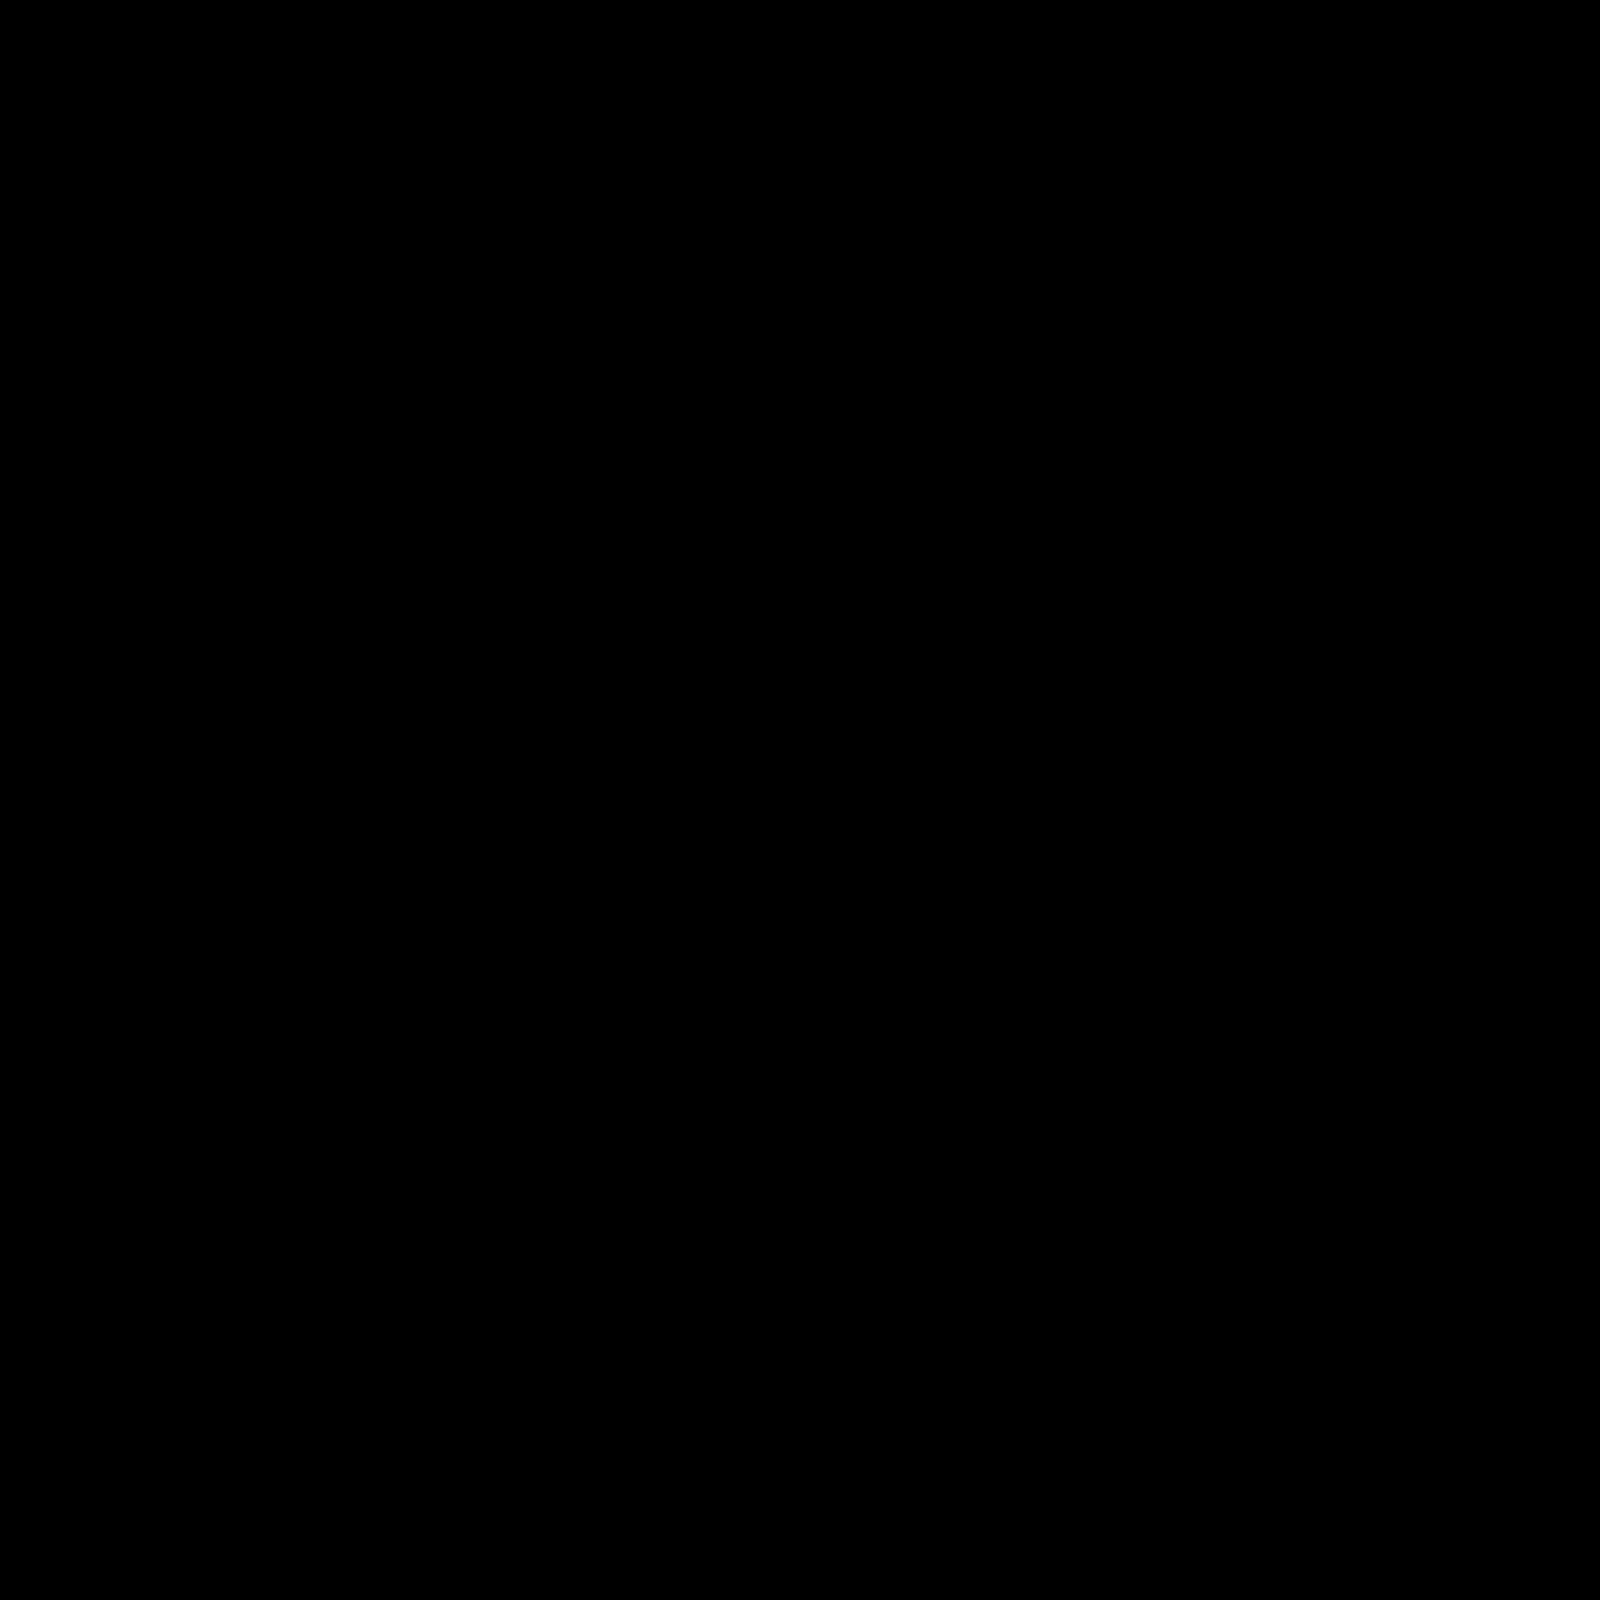 シェブロン アイコン 無料ダウンロード png およびベクター